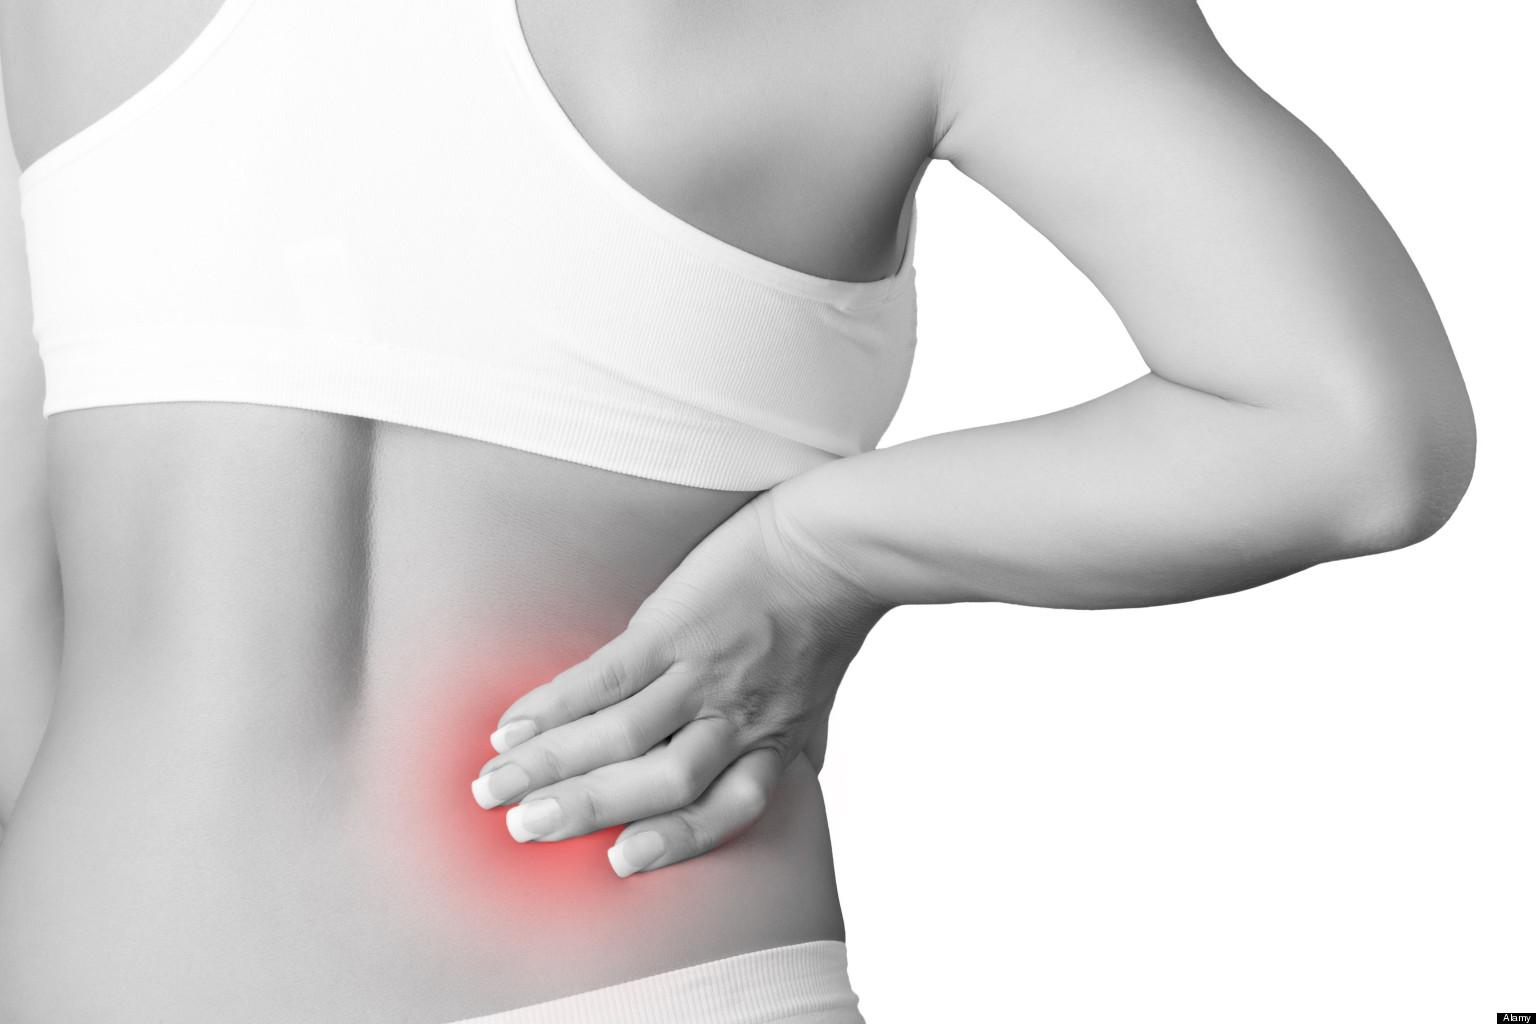 Arthrose dorsale et douleur : comment soulager la douleur